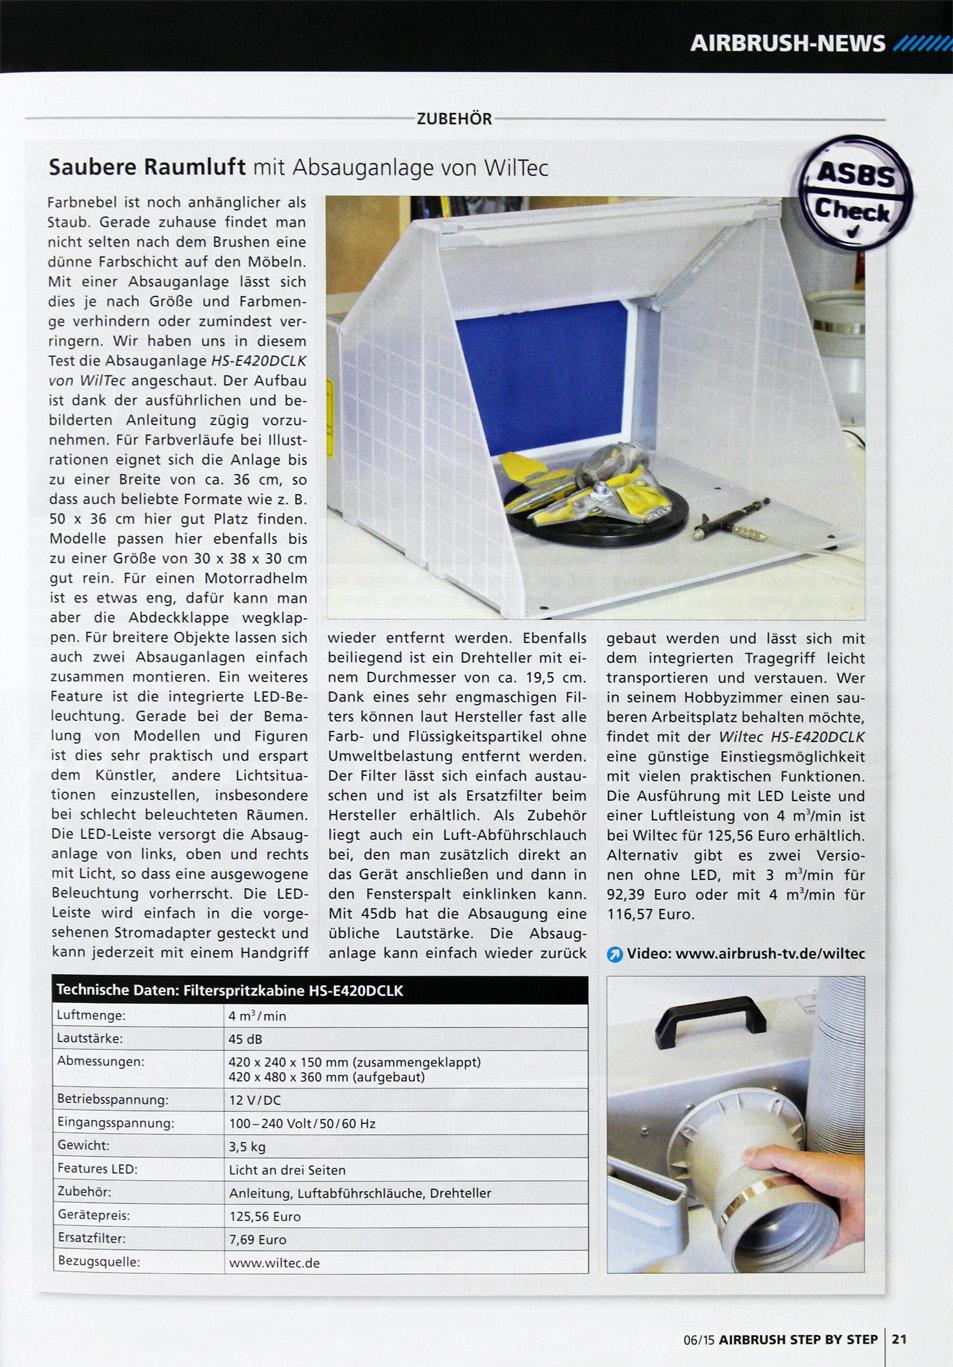 Le système d'aspiration Airbrush testé par Airbrush Step by Step